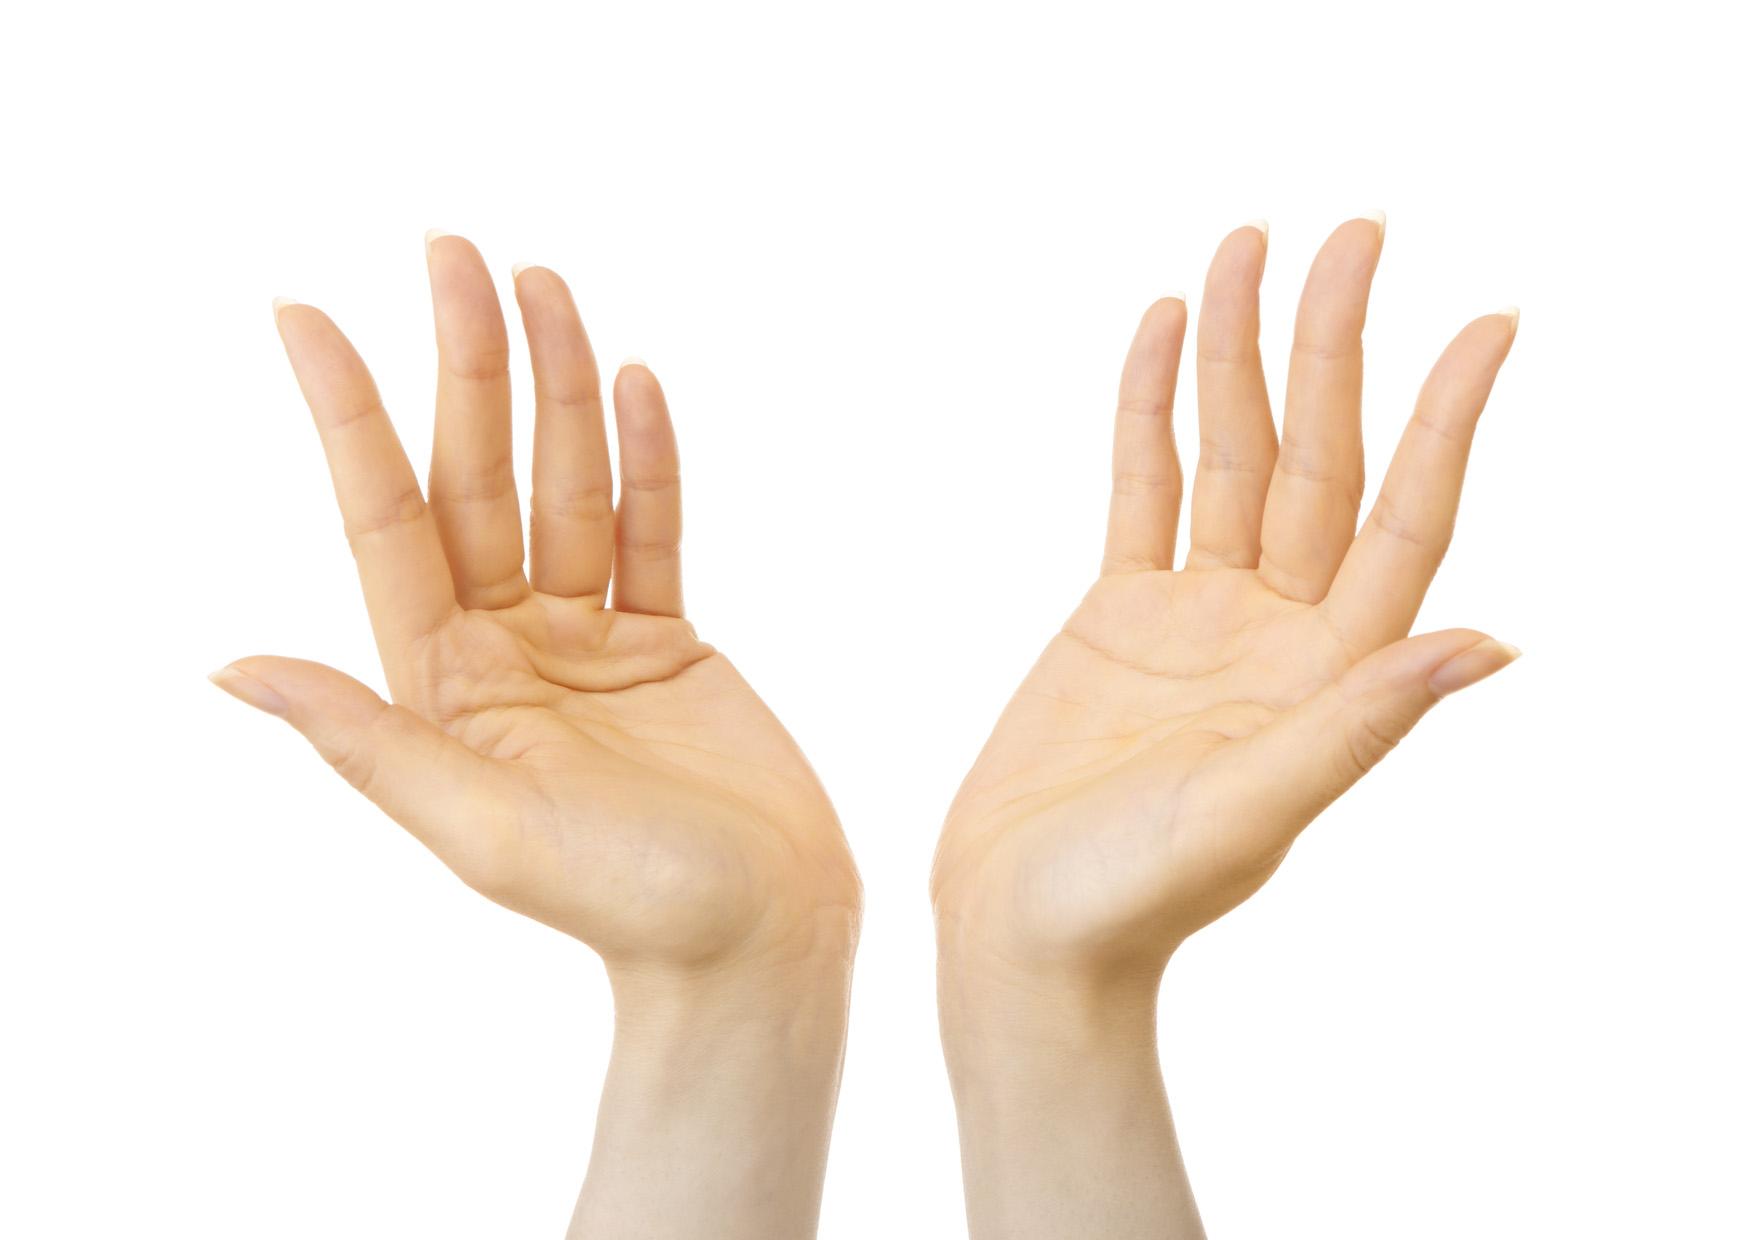 手が黄色い女性はPMSになりやすい!?